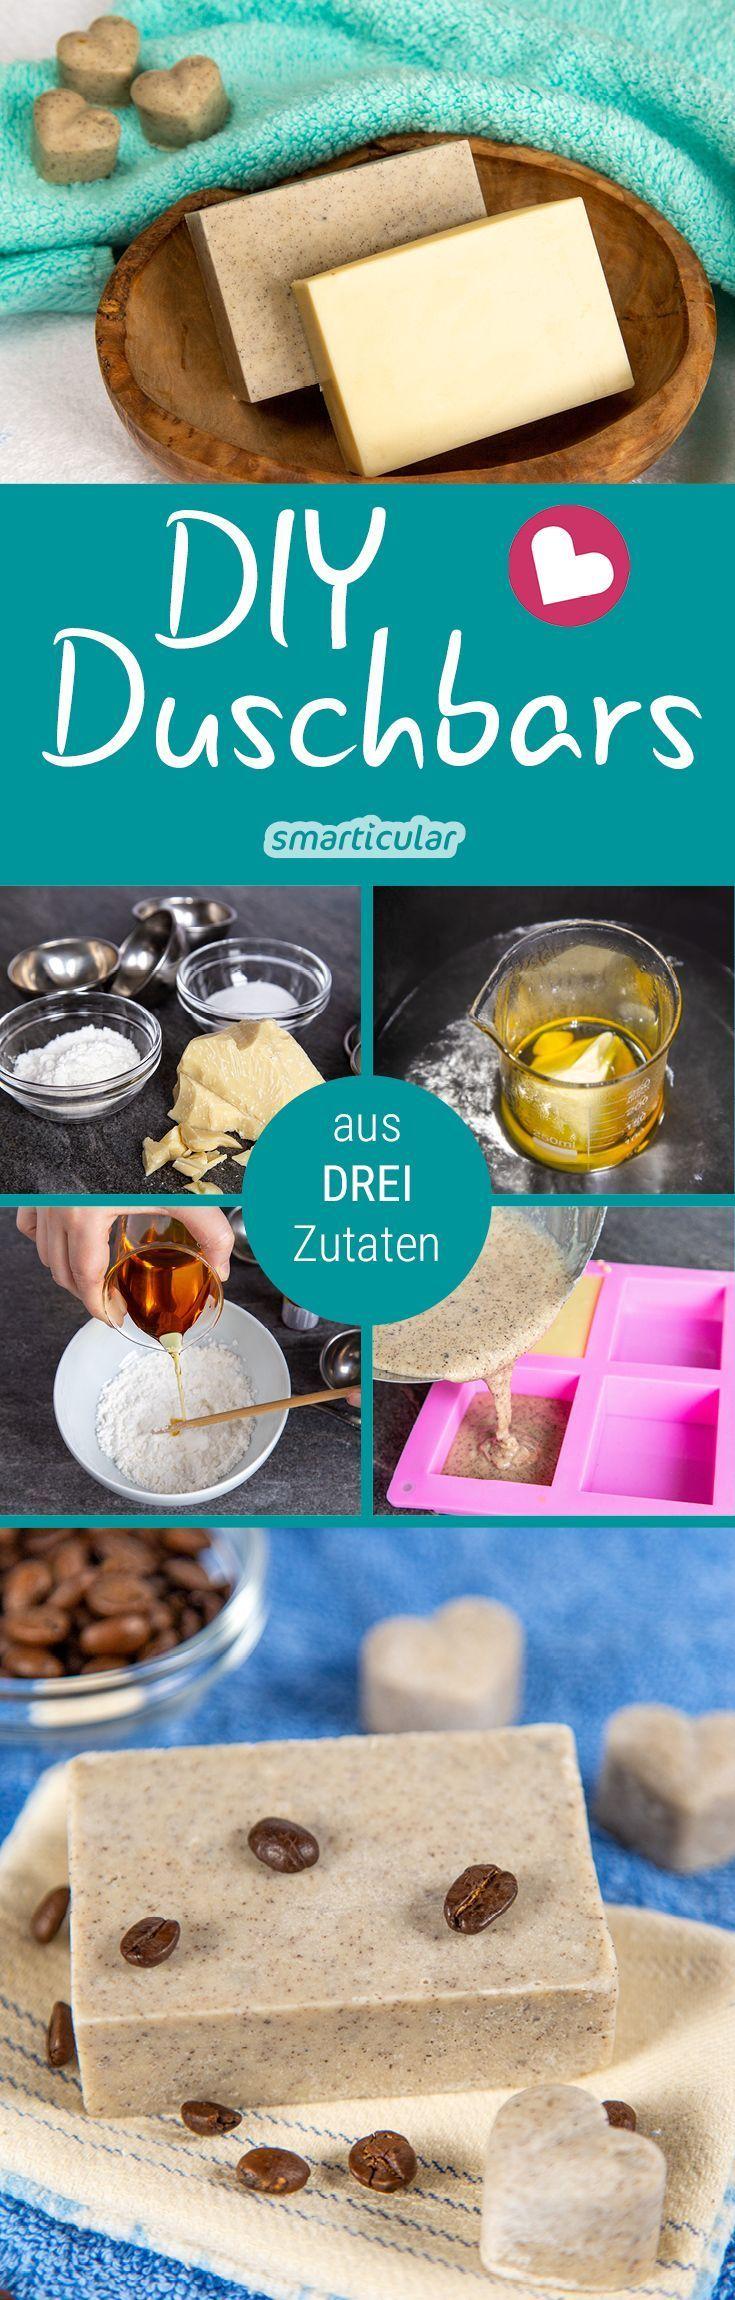 Dusch-Bars sind eine besonders milde Alternative zu flüssigen Duschgels oder Körperseifen. Mit diesem Rezept aus drei Zutaten kannst du das pflegende Duscherlebnis in wenigen Minuten herstellen.